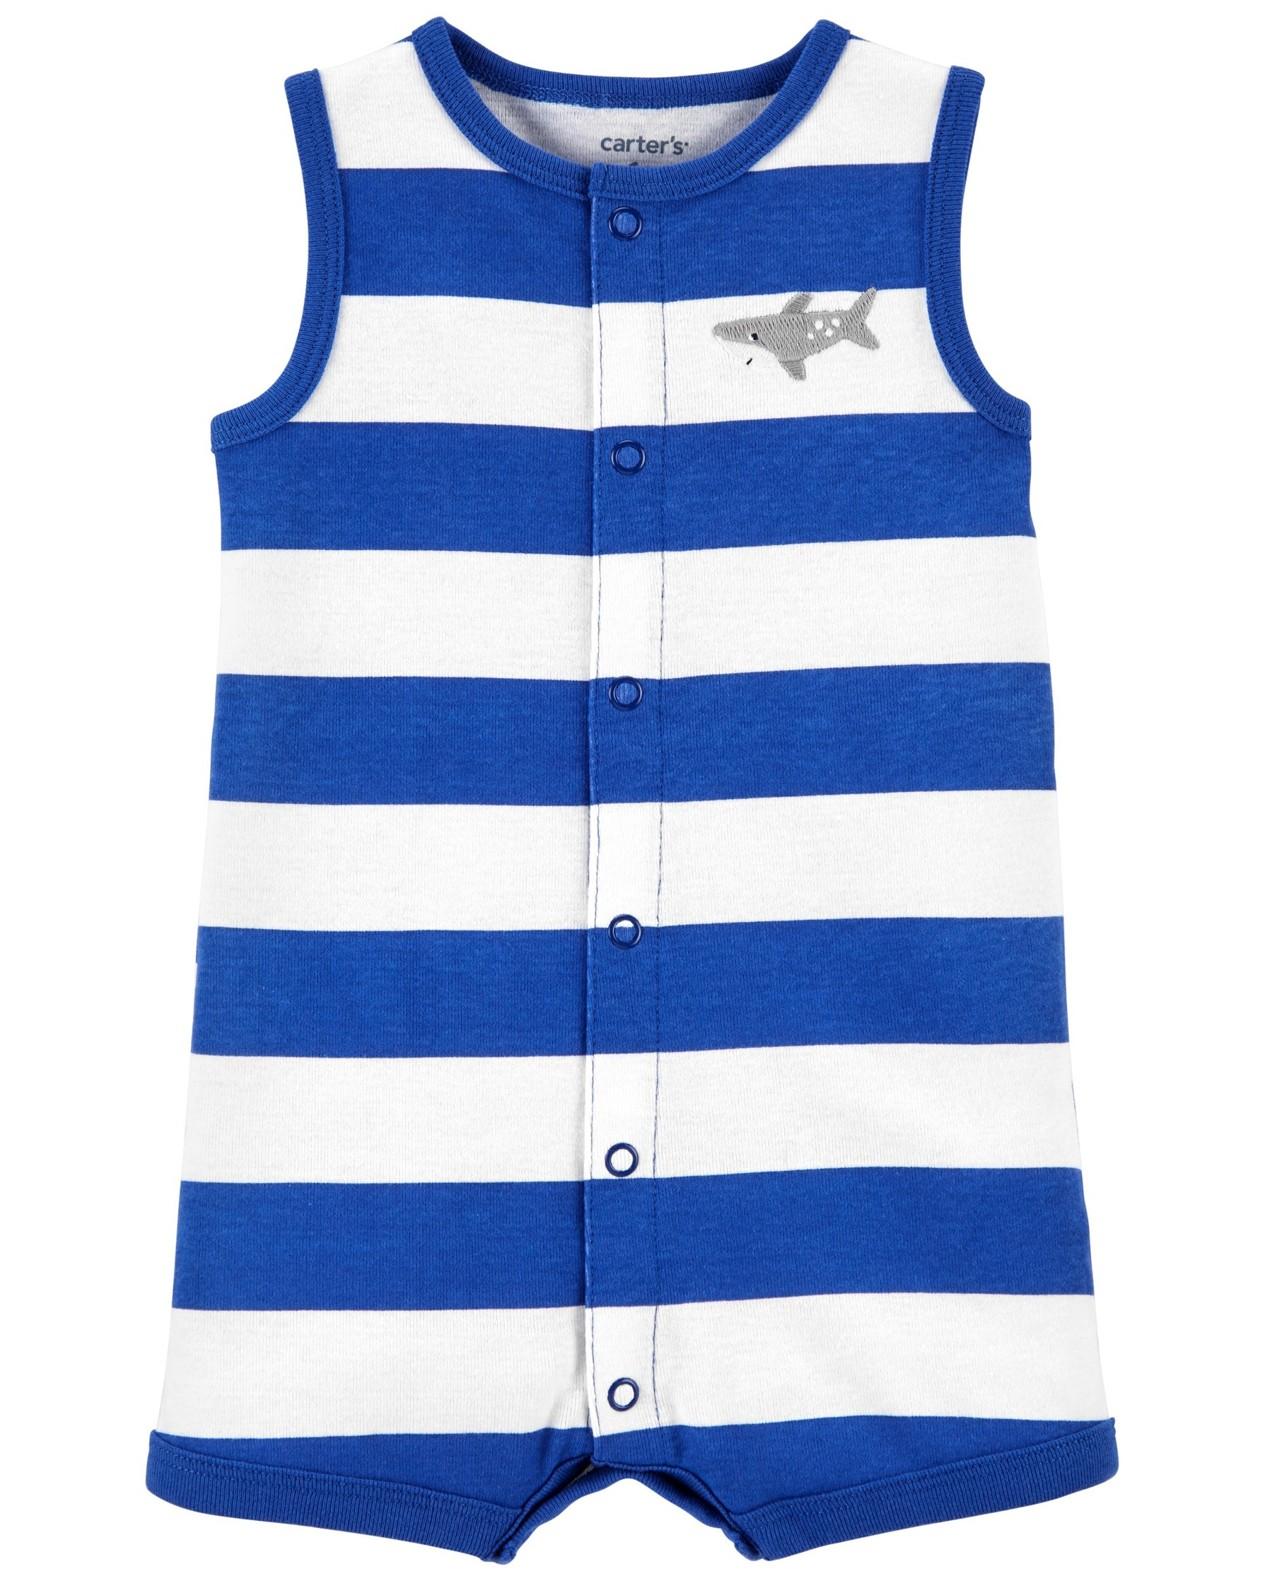 CARTER'S Opaľovačky Blue Stripe Shark chlapec NB, veľ. 56